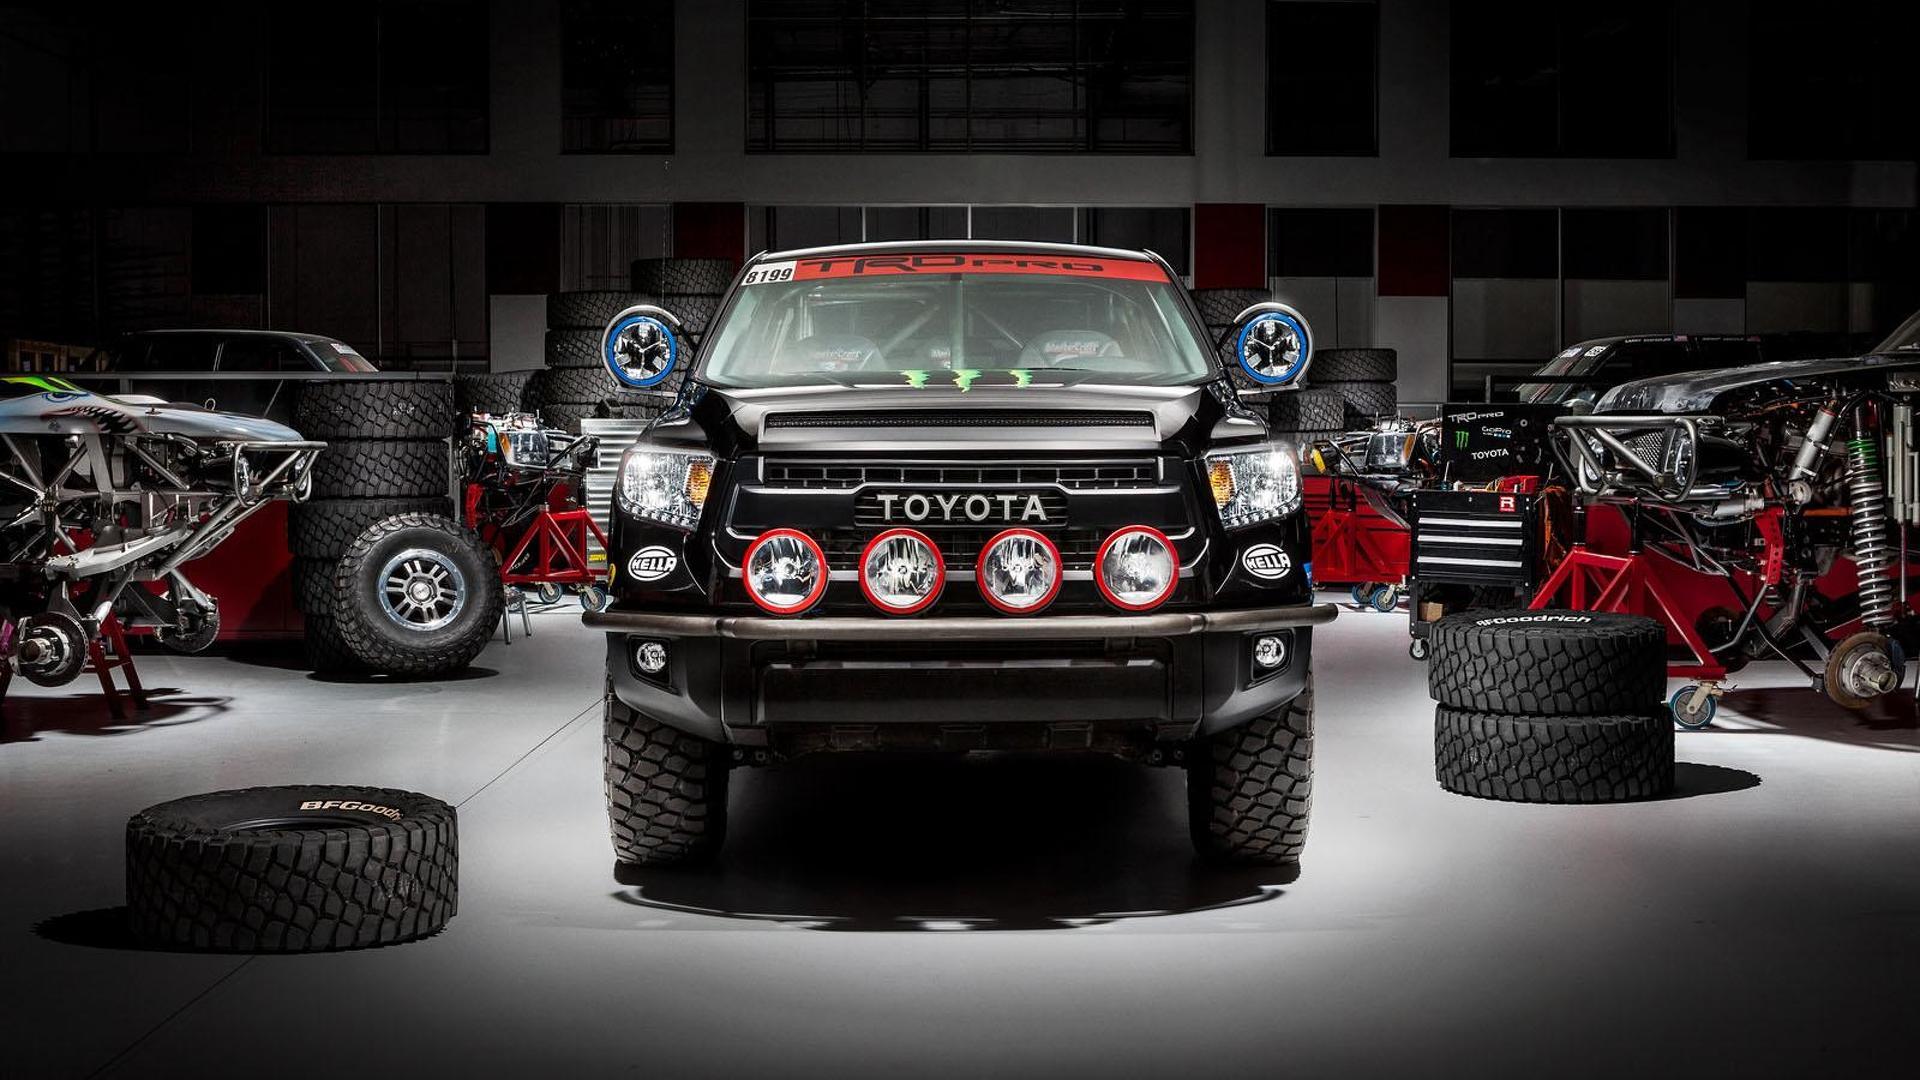 2015 toyota tundra trd pro to tackle the baja 1000 motor1 com photos motor1 com